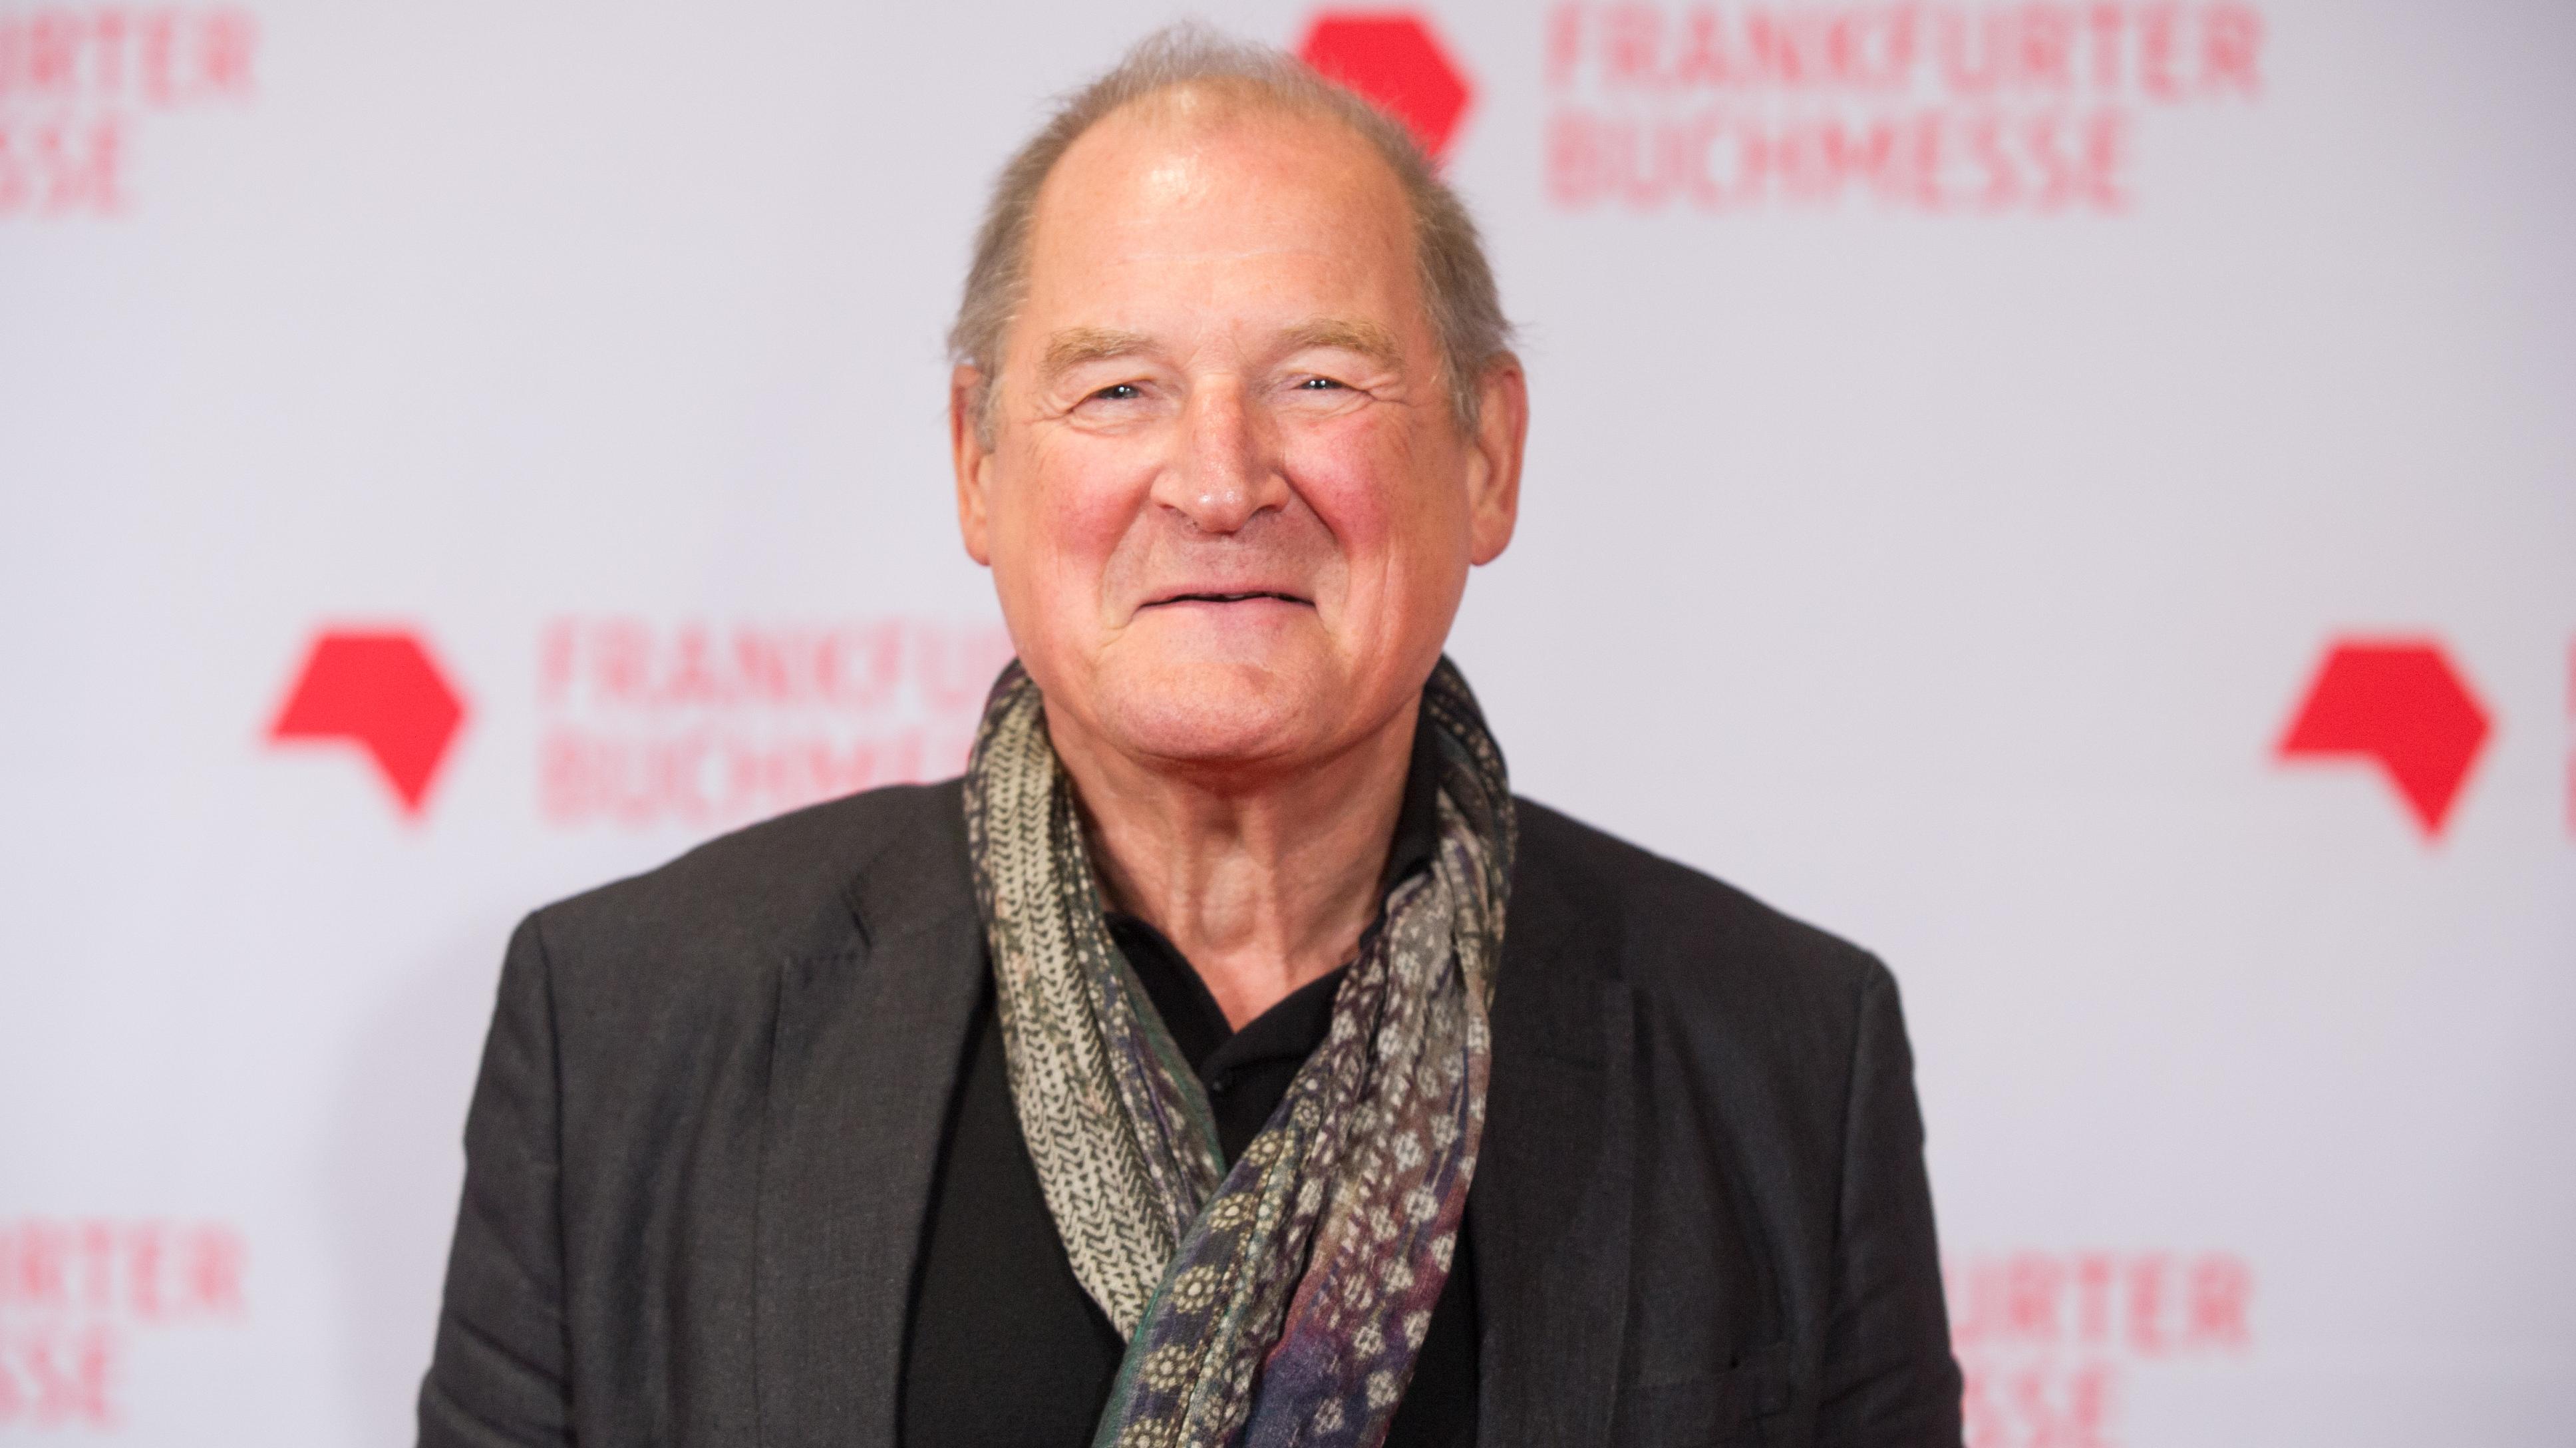 Ein Porträt des Schauspielers Burghart Klaußner. Unter anderem spielte er den hessischen Staatsanwalt Fritz Bauer in einem mehrfach ausgezeichneten Kino-Film